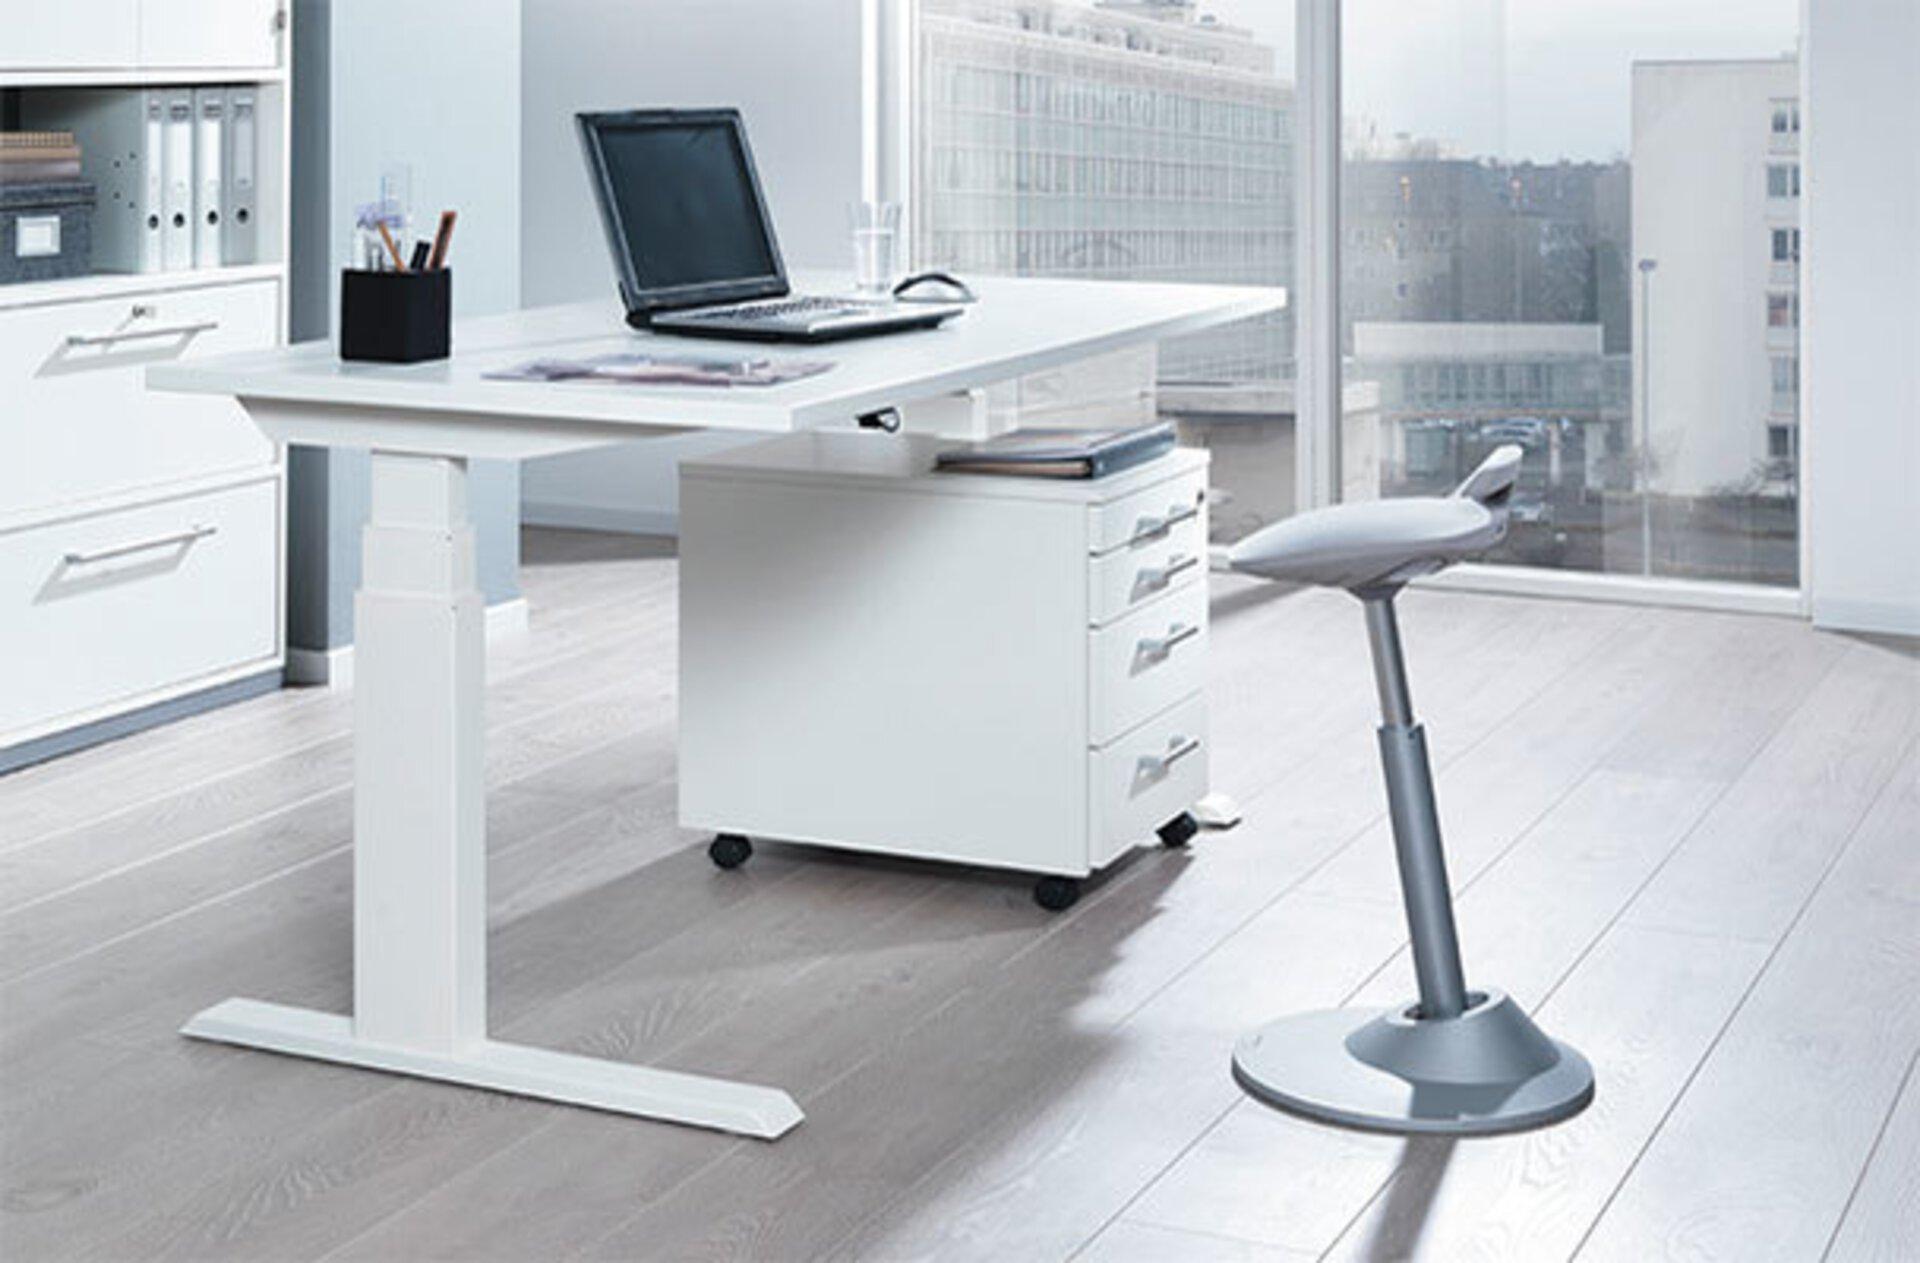 """Weißer höhenverstellbarer Schreibtisch und davor ein grauer , höhenverstellbarer Sitzhocker in ergonomischer Form. Das Bild dient als zweites Milieubild für den Bereich Inspiration """"Der richtige Bürostuhl""""."""